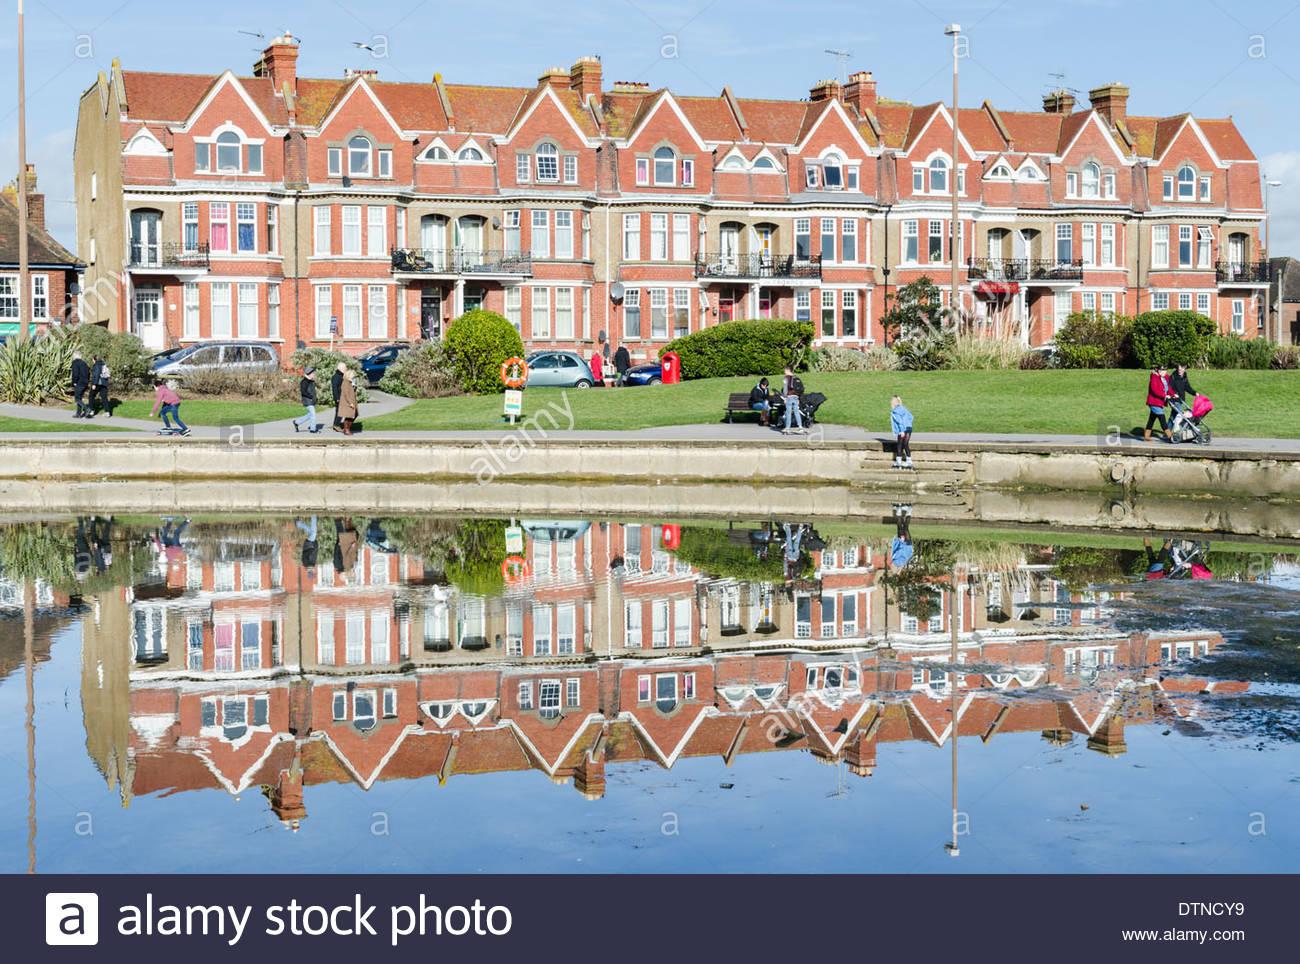 Viktorianischen Reihenhaus Häuser mit Reflexionen im nahe gelegenen See. Stockbild